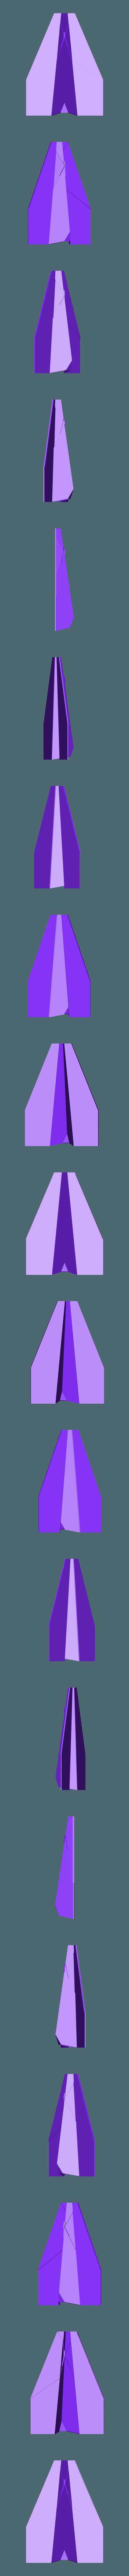 avion papier.stl Télécharger fichier STL gratuit Avion en papier • Modèle pour imprimante 3D, rfbat